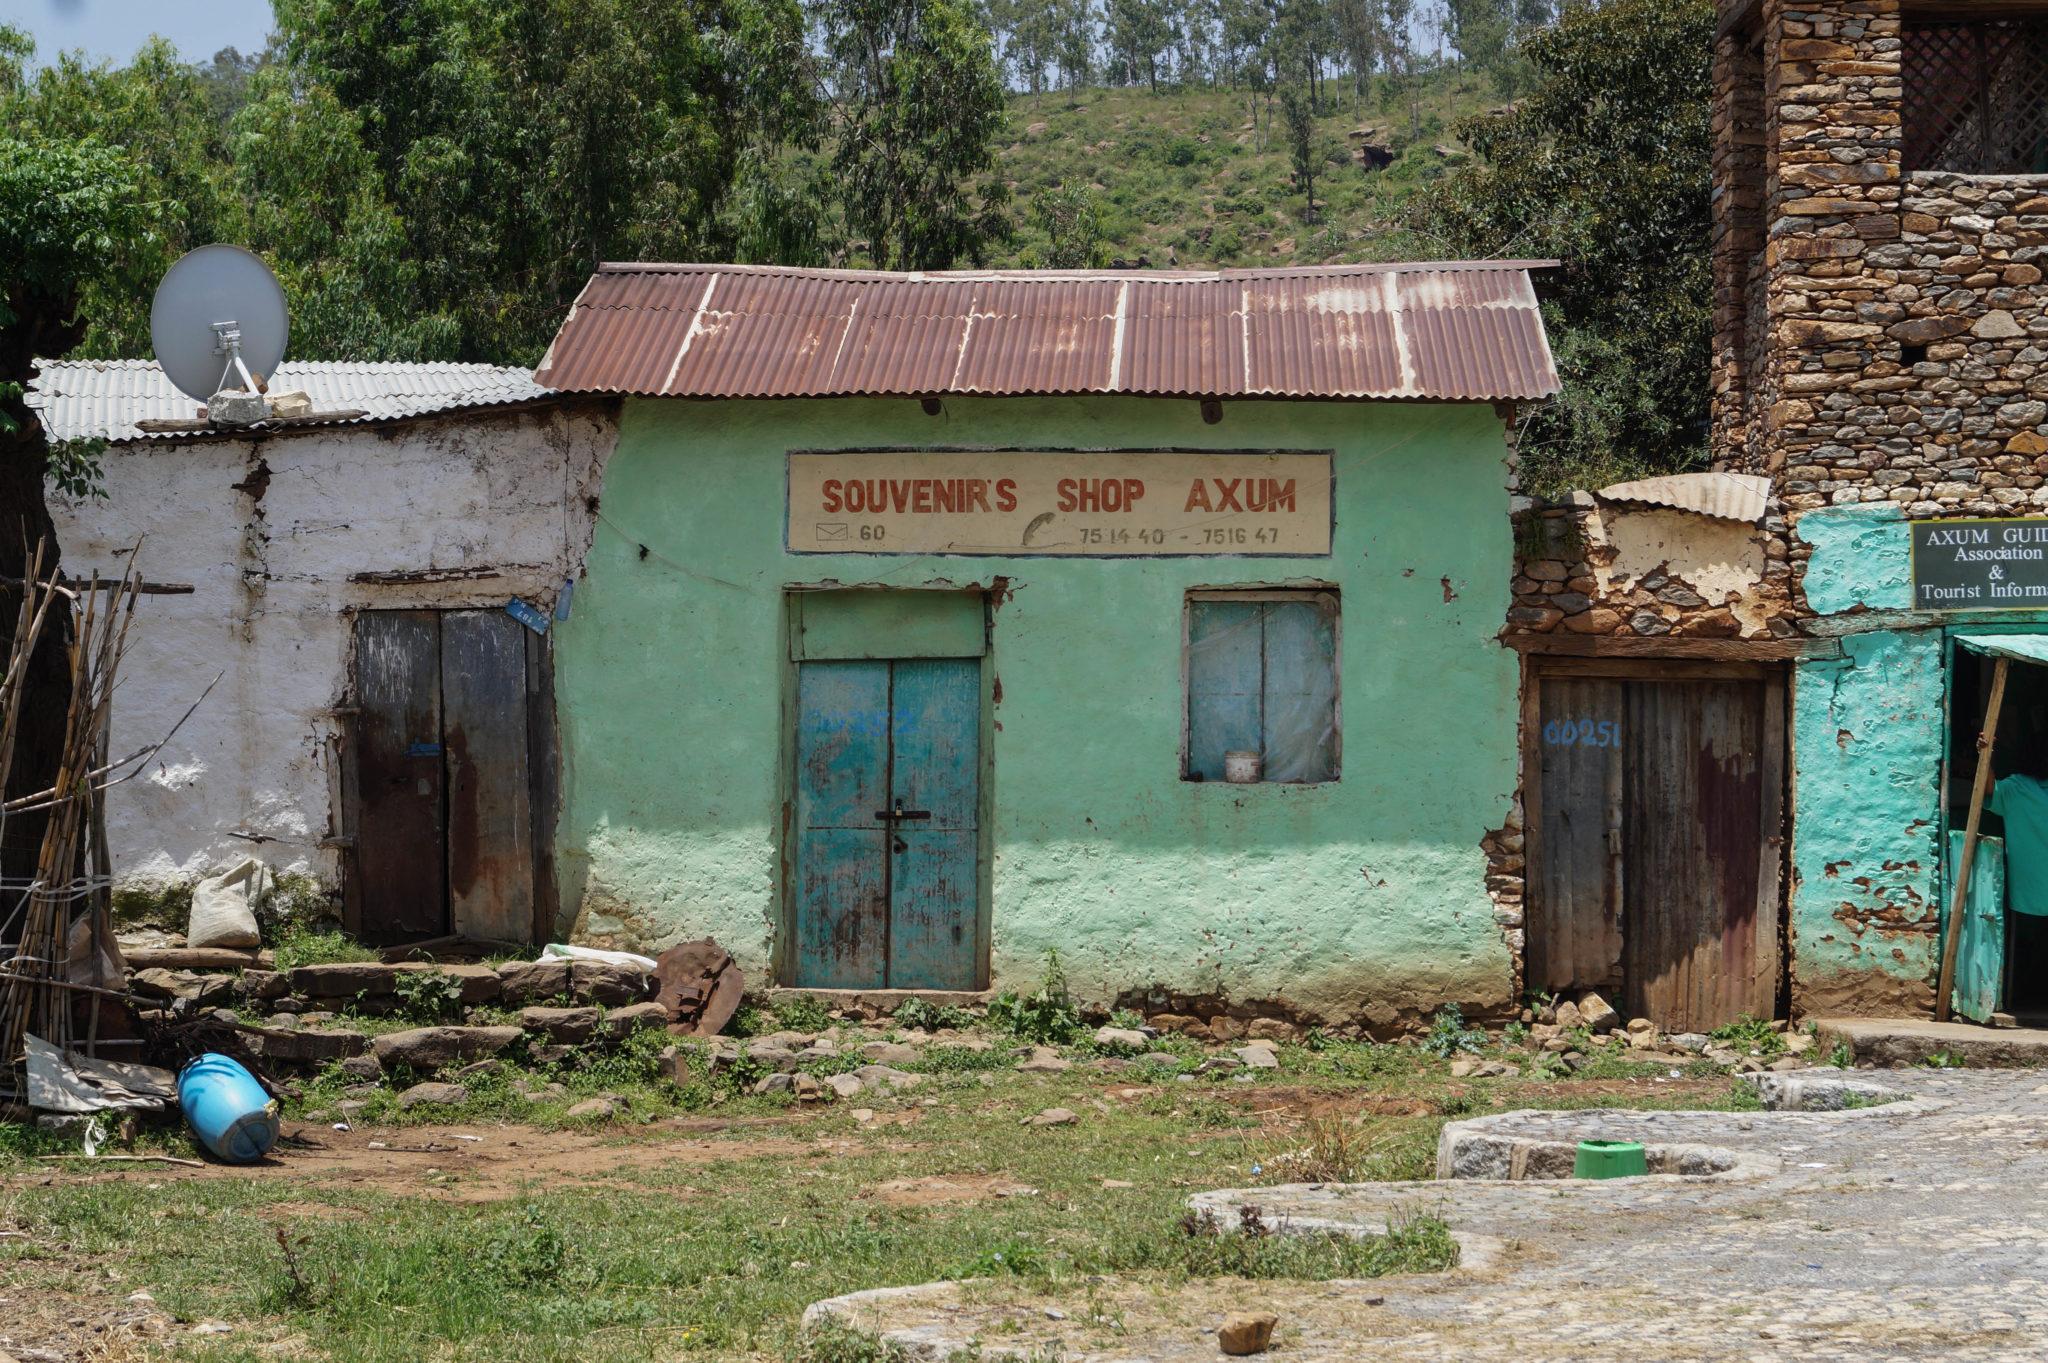 Äthiopien Norden: Axum ist ein schickes Städten auf der Äthiopien Rundreise.